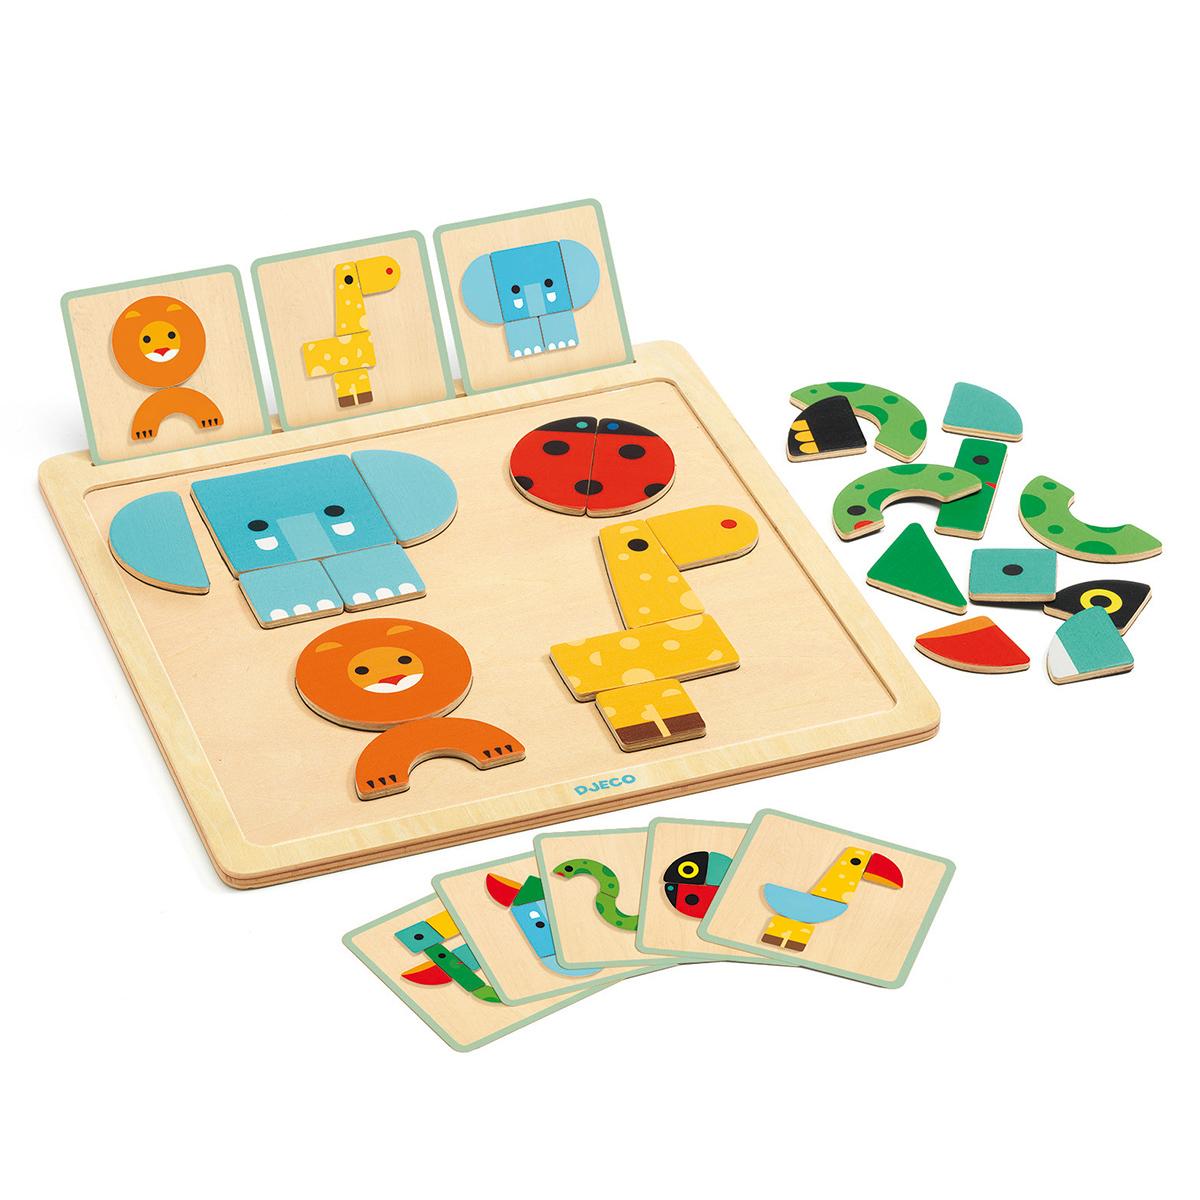 Mes premiers jouets Jeu d'Assemblage Geobasic Jeu d'Assemblage Geobasic